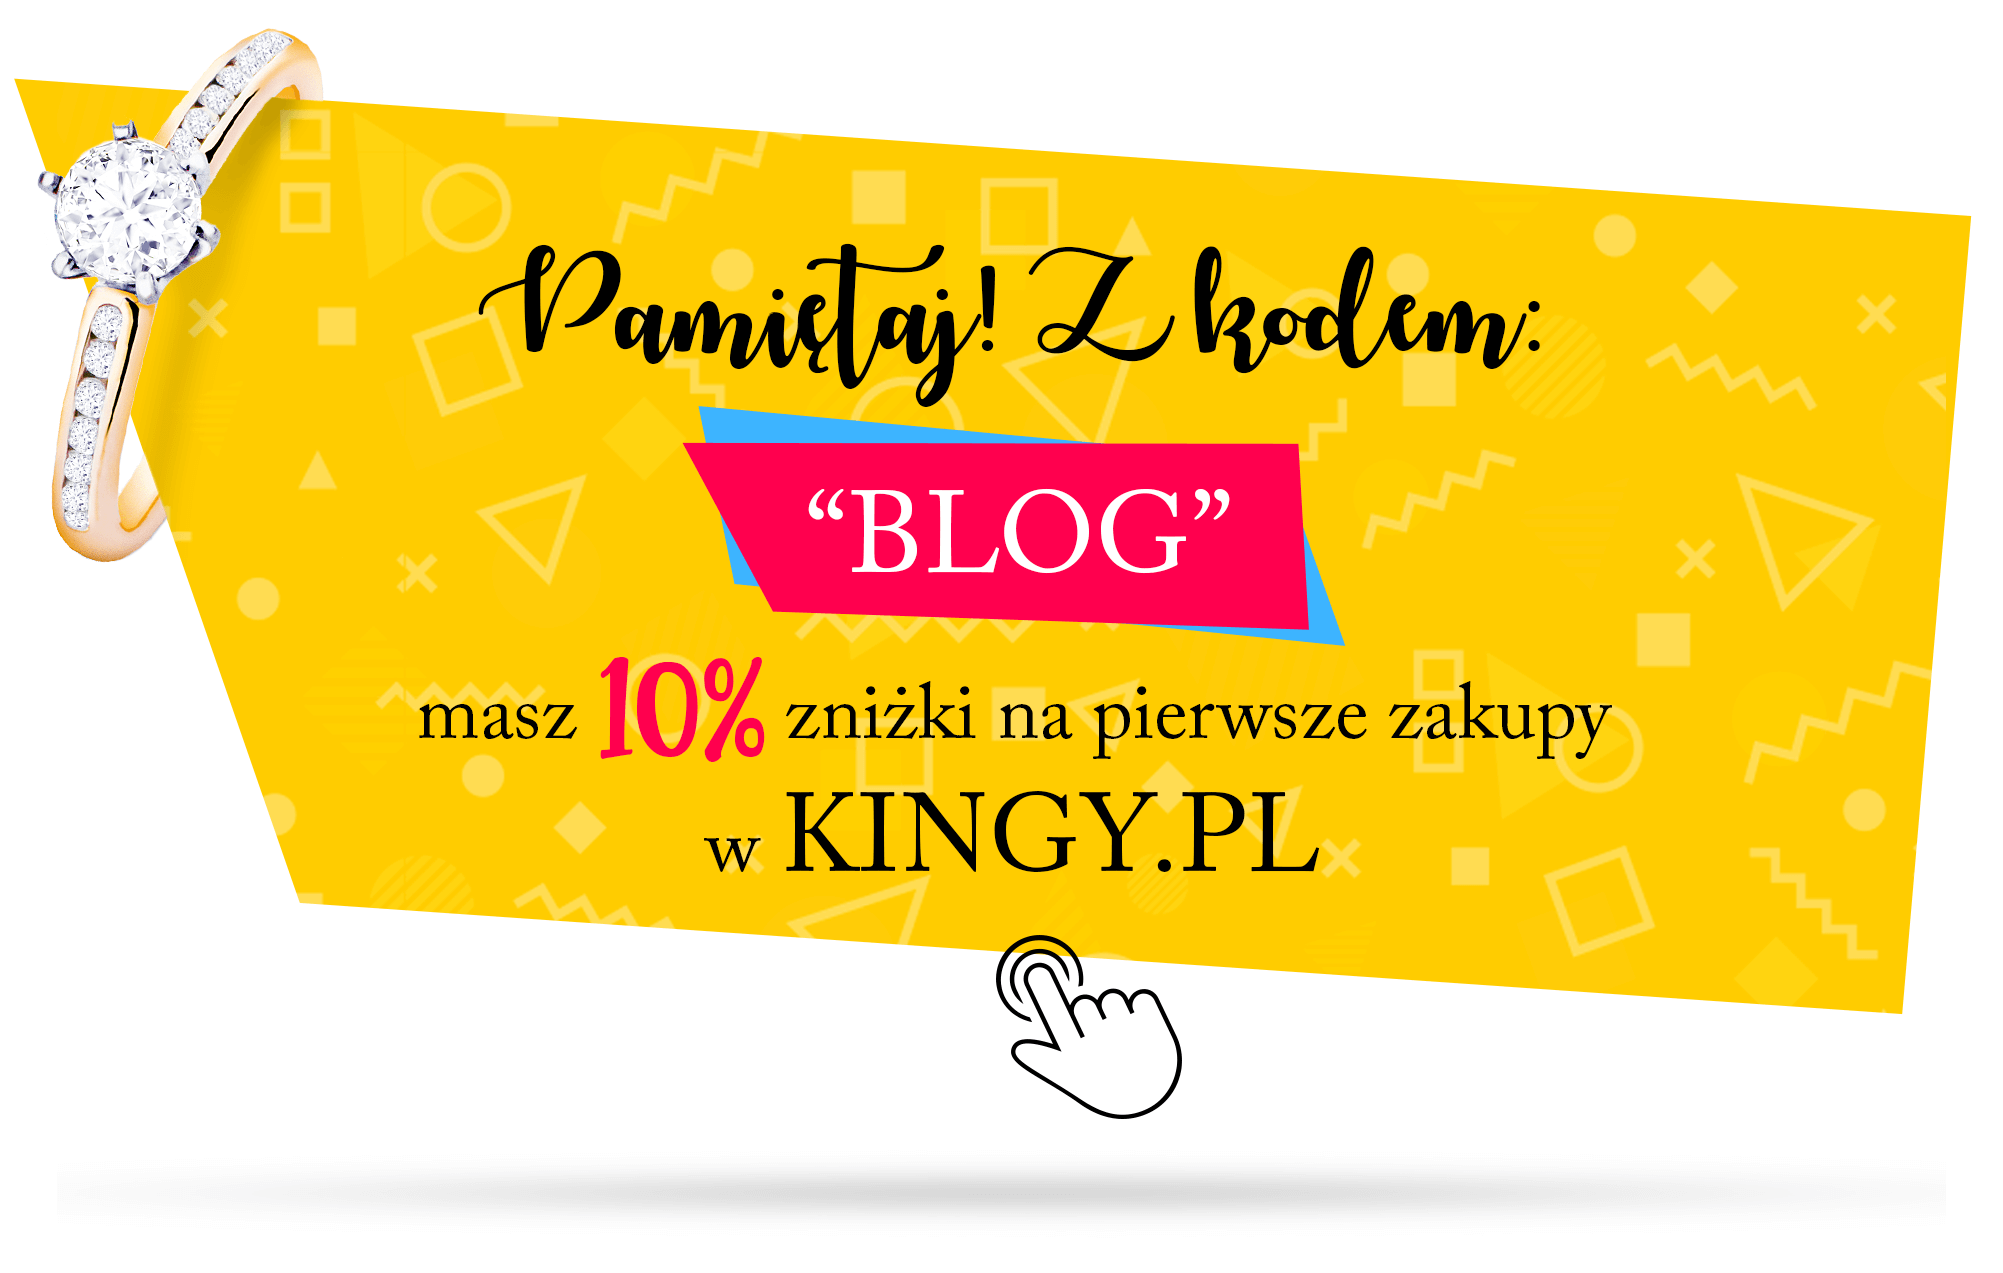 kod zniżkowy do sklepu z biżuterią kingy.pl. Kupon zniżkowy